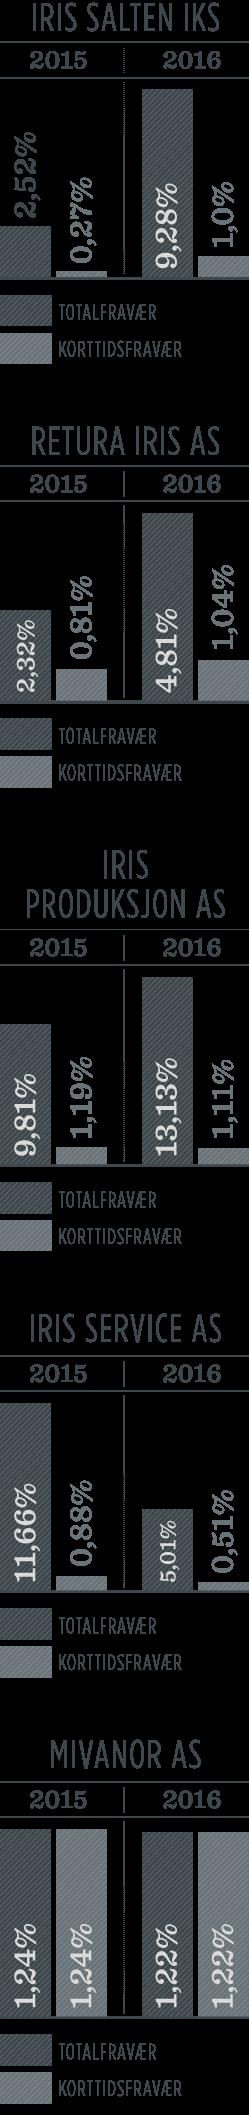 Statistikk for sykefravær